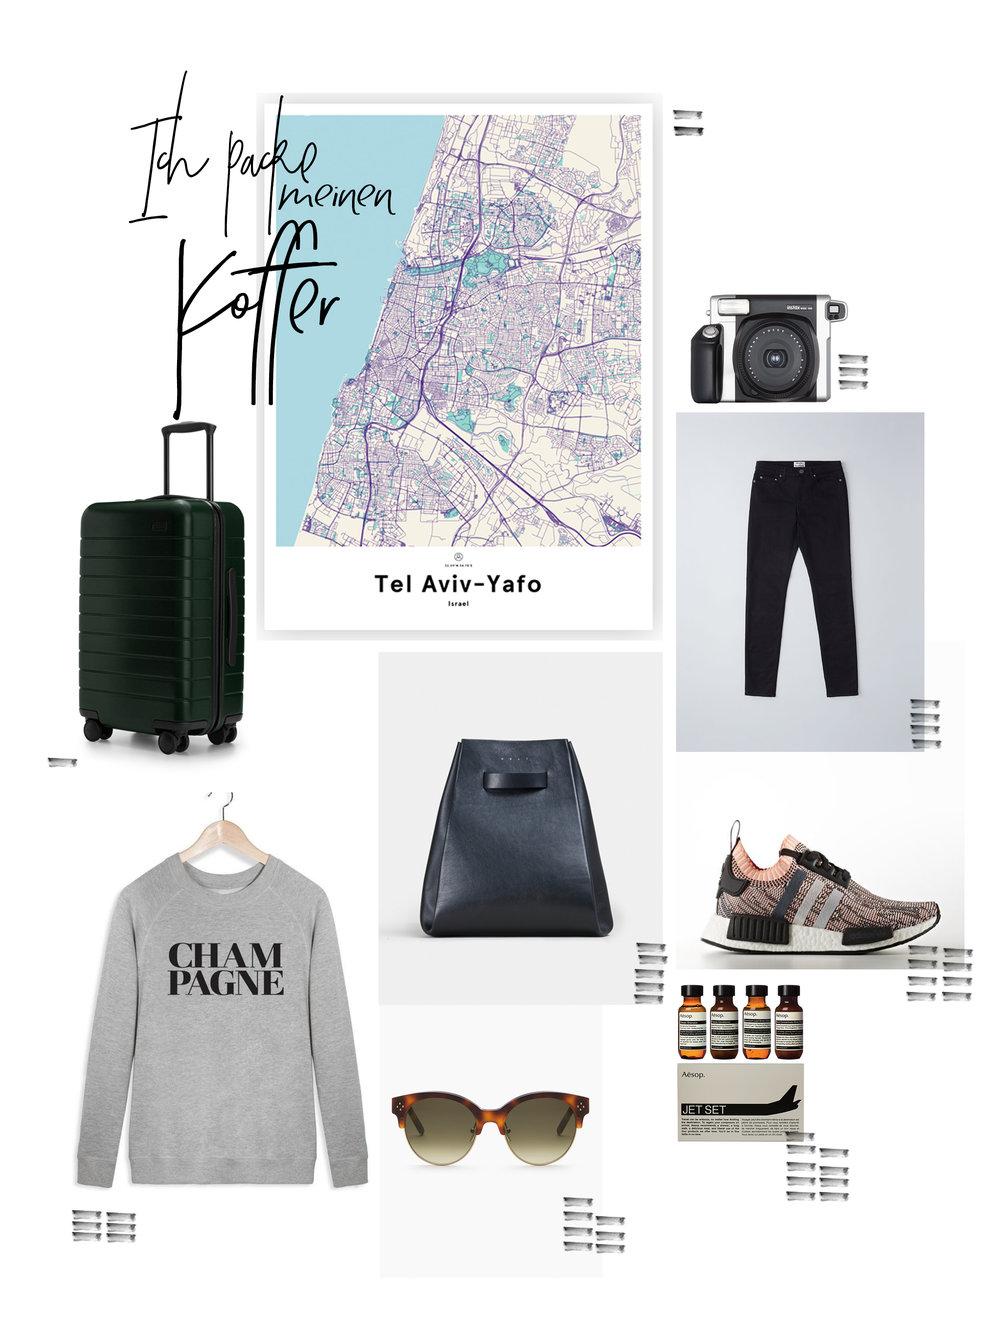 Ich packe meinen Koffer für Tel Aviv. Collage auf herzundblut. Kategorie: Travel. Away, Aesop, Adidas, Chloe....